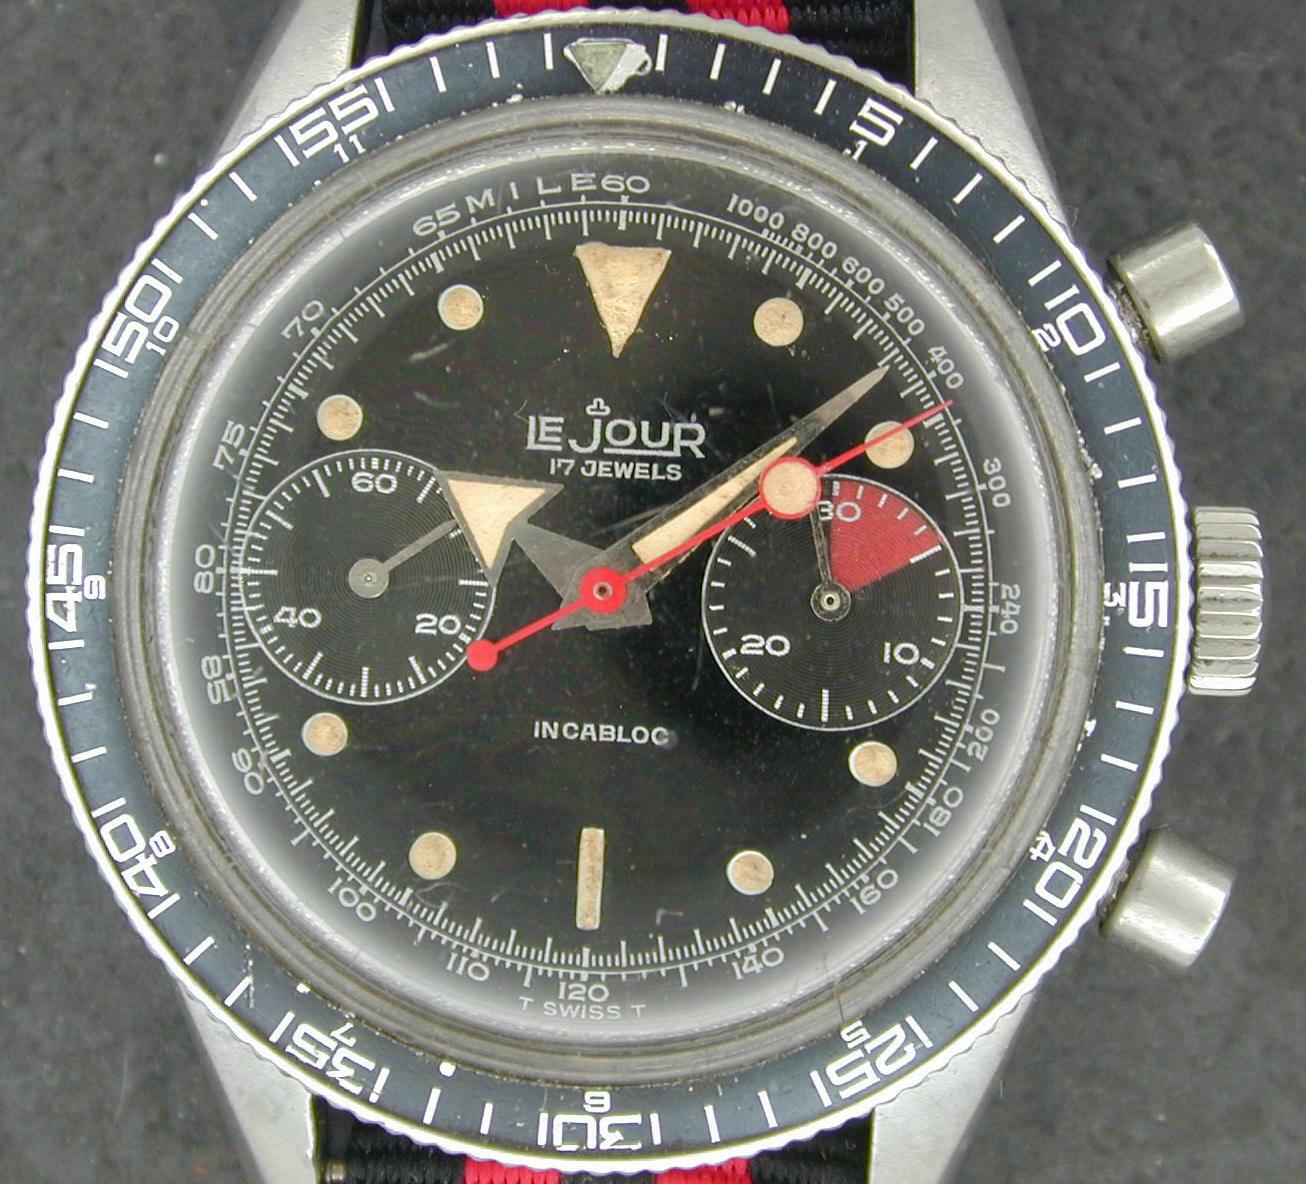 LeJour Chronograph #201130